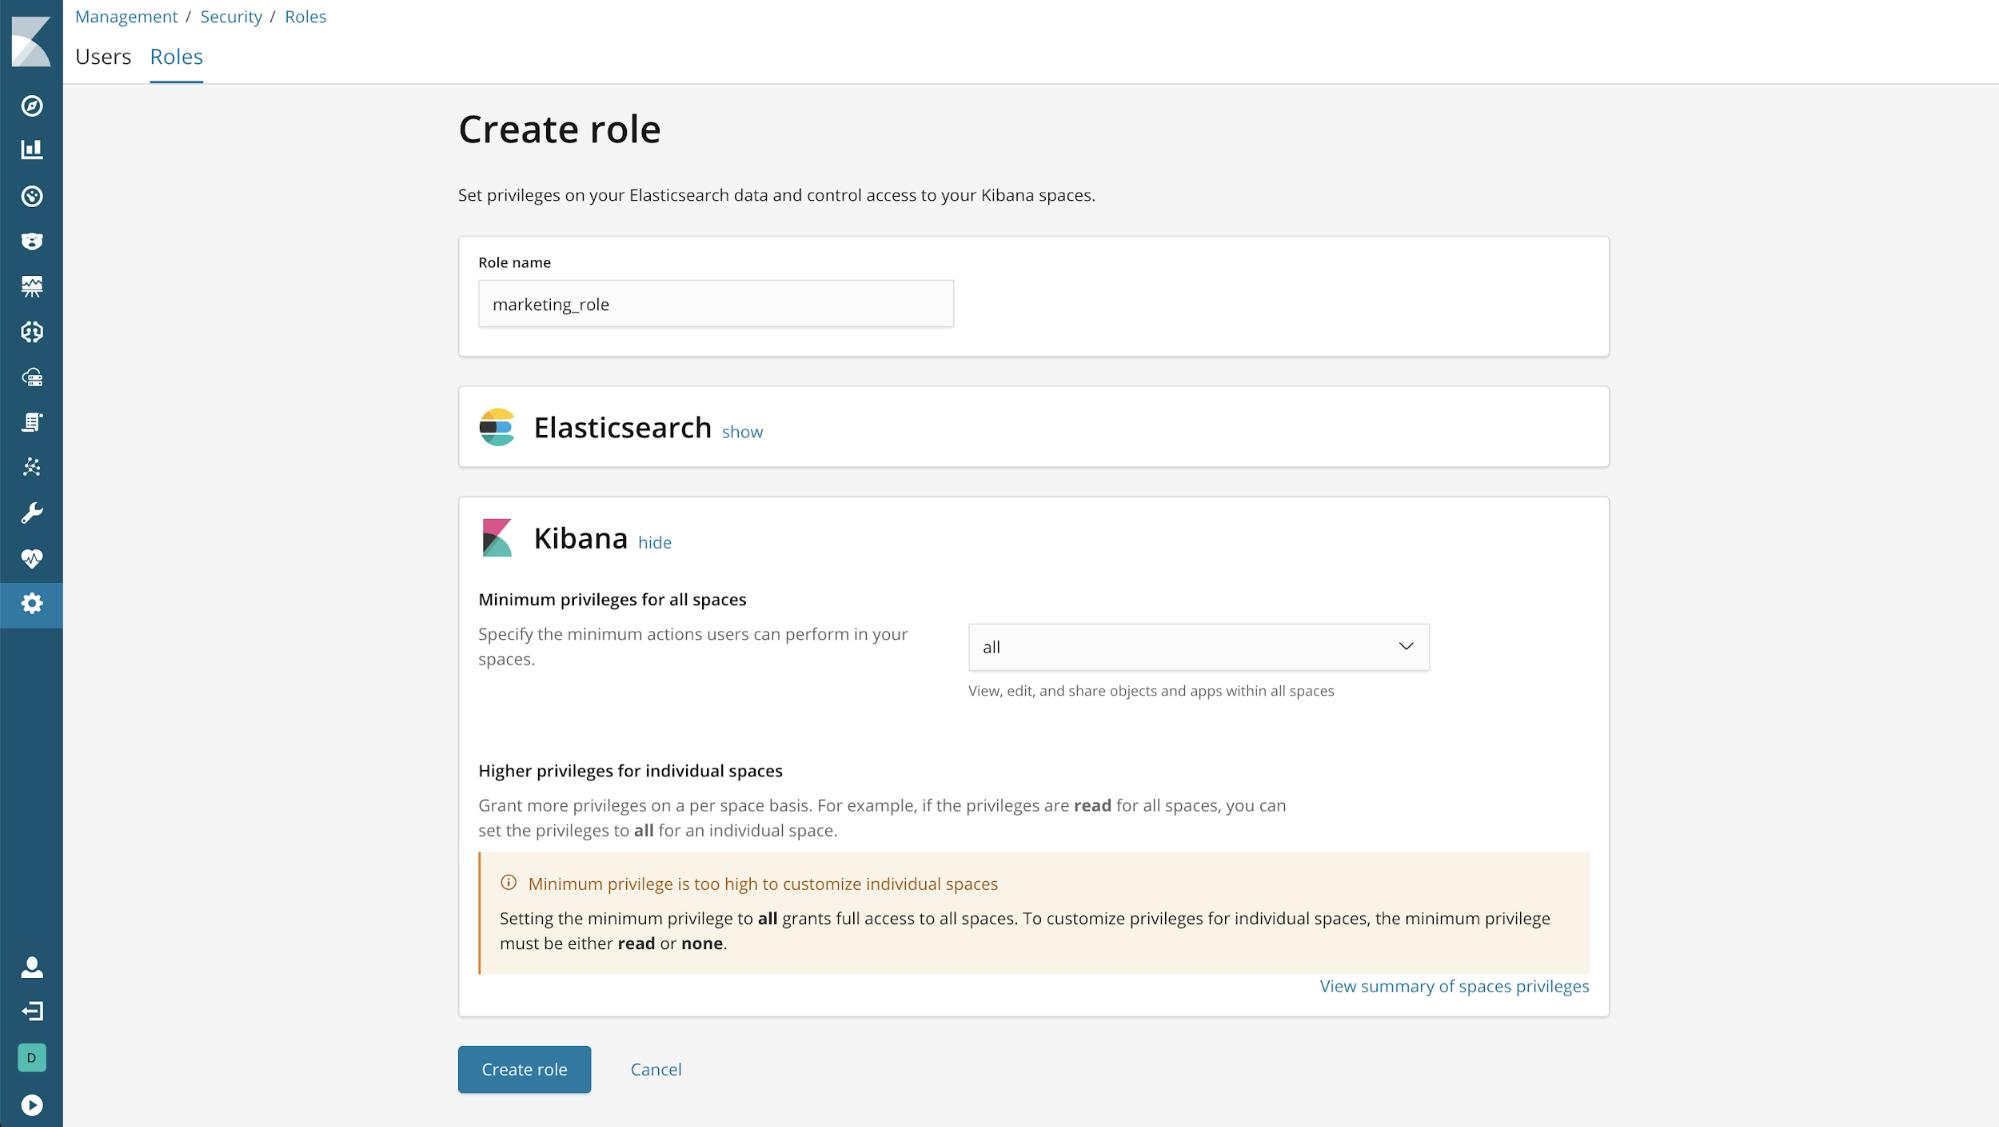 kibana 6.5.0 create role